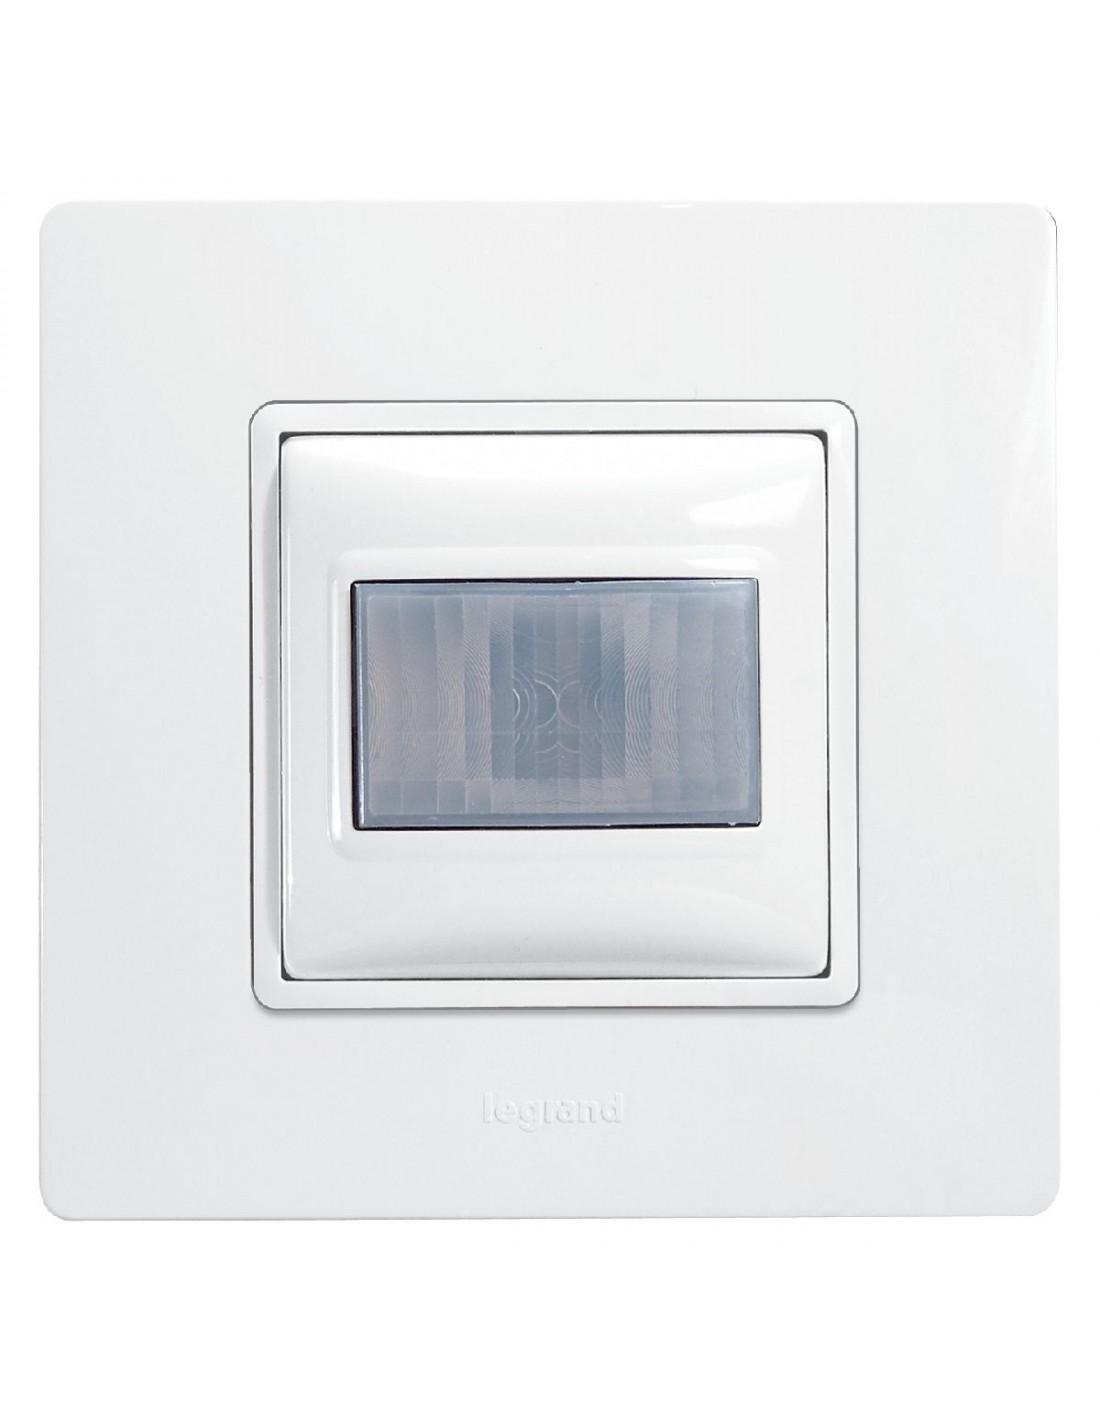 interrupteur automatique eclat nilo. Black Bedroom Furniture Sets. Home Design Ideas